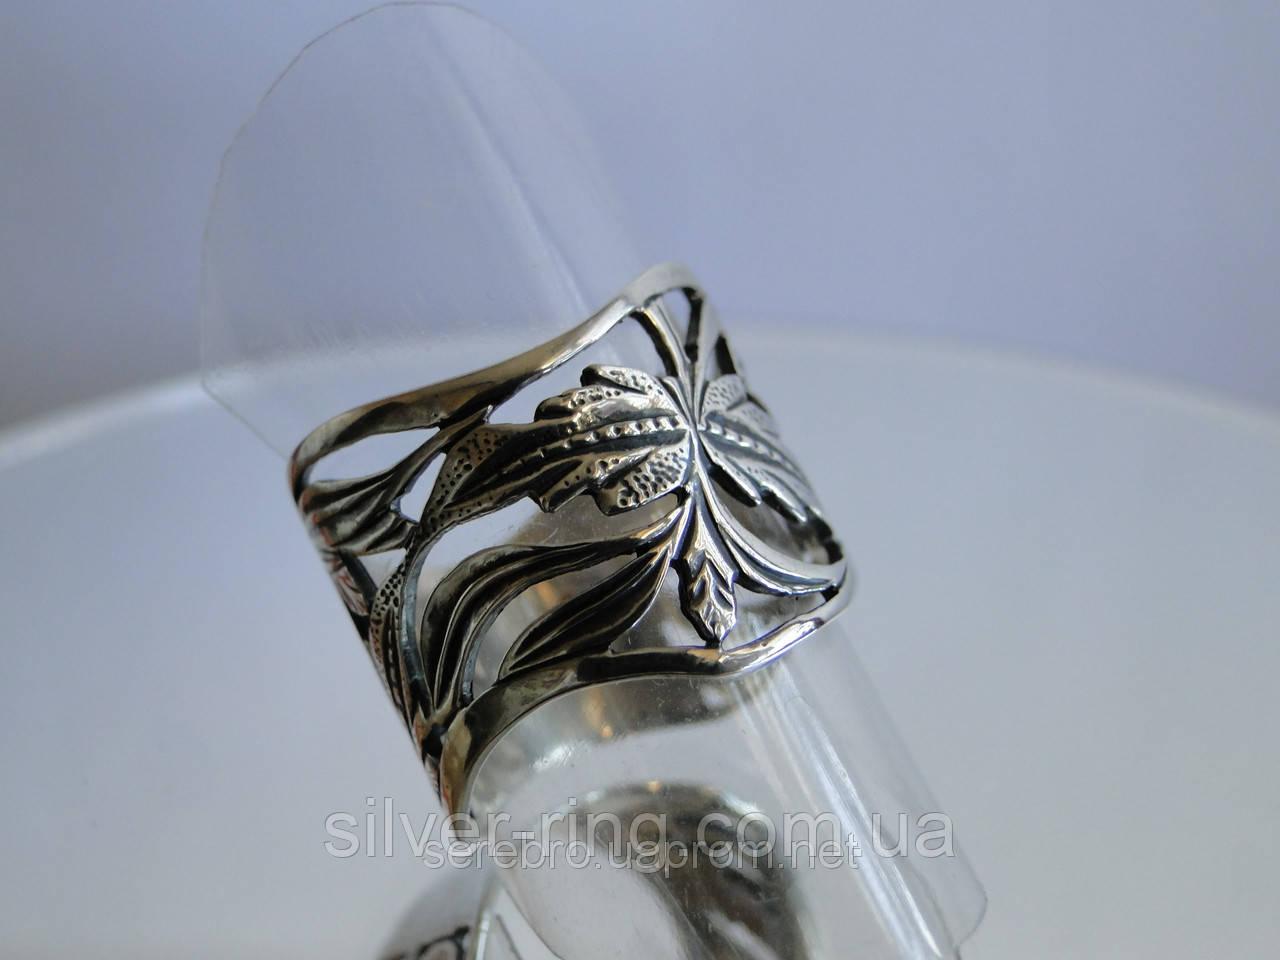 цены на серебряные кольца 925 пробы